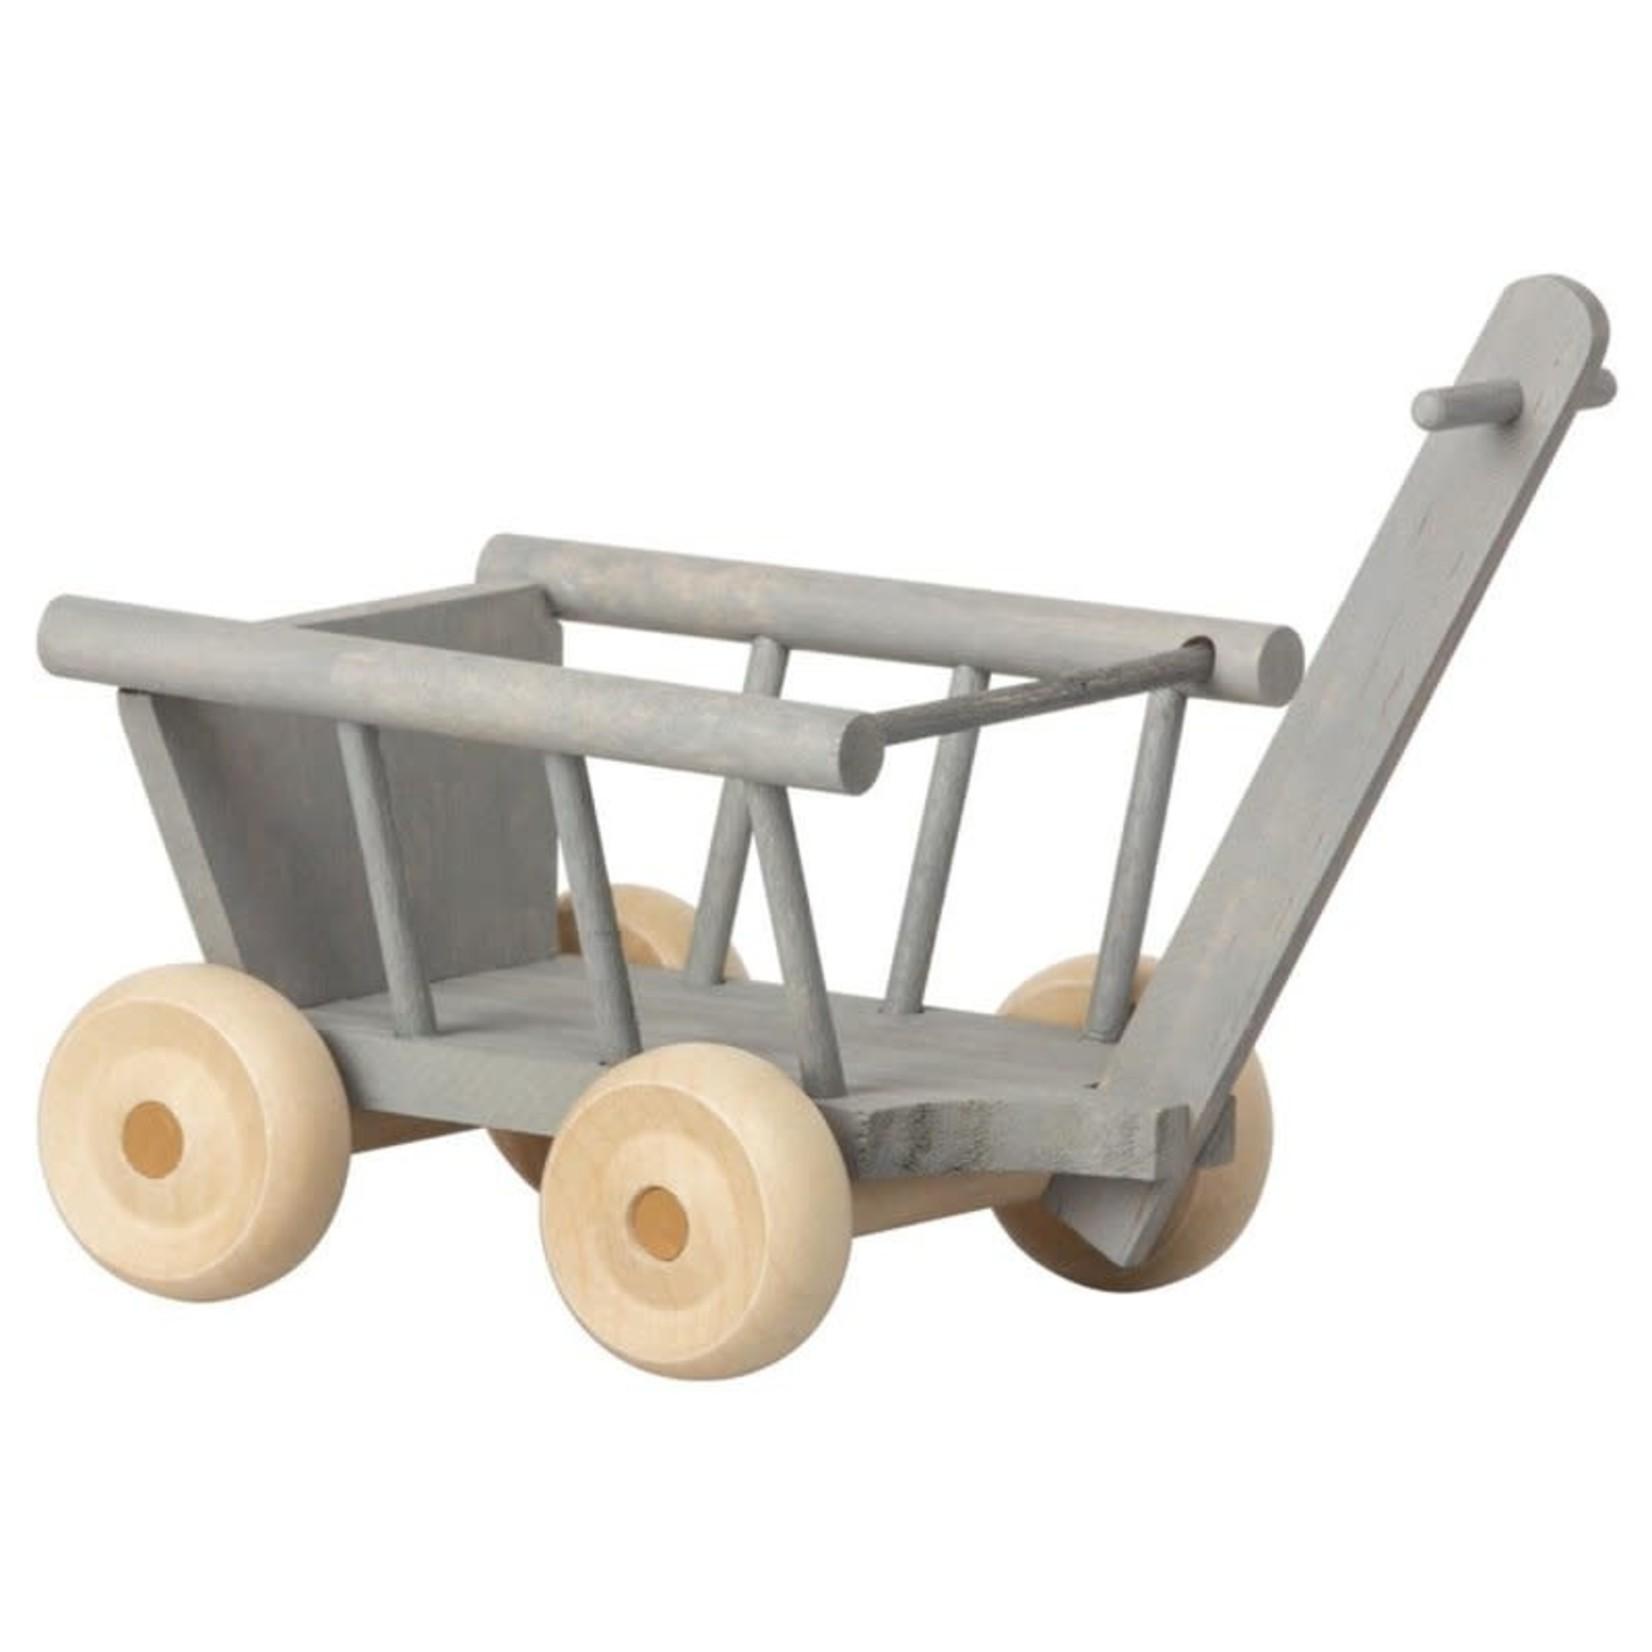 Maileg Wagon - Maileg